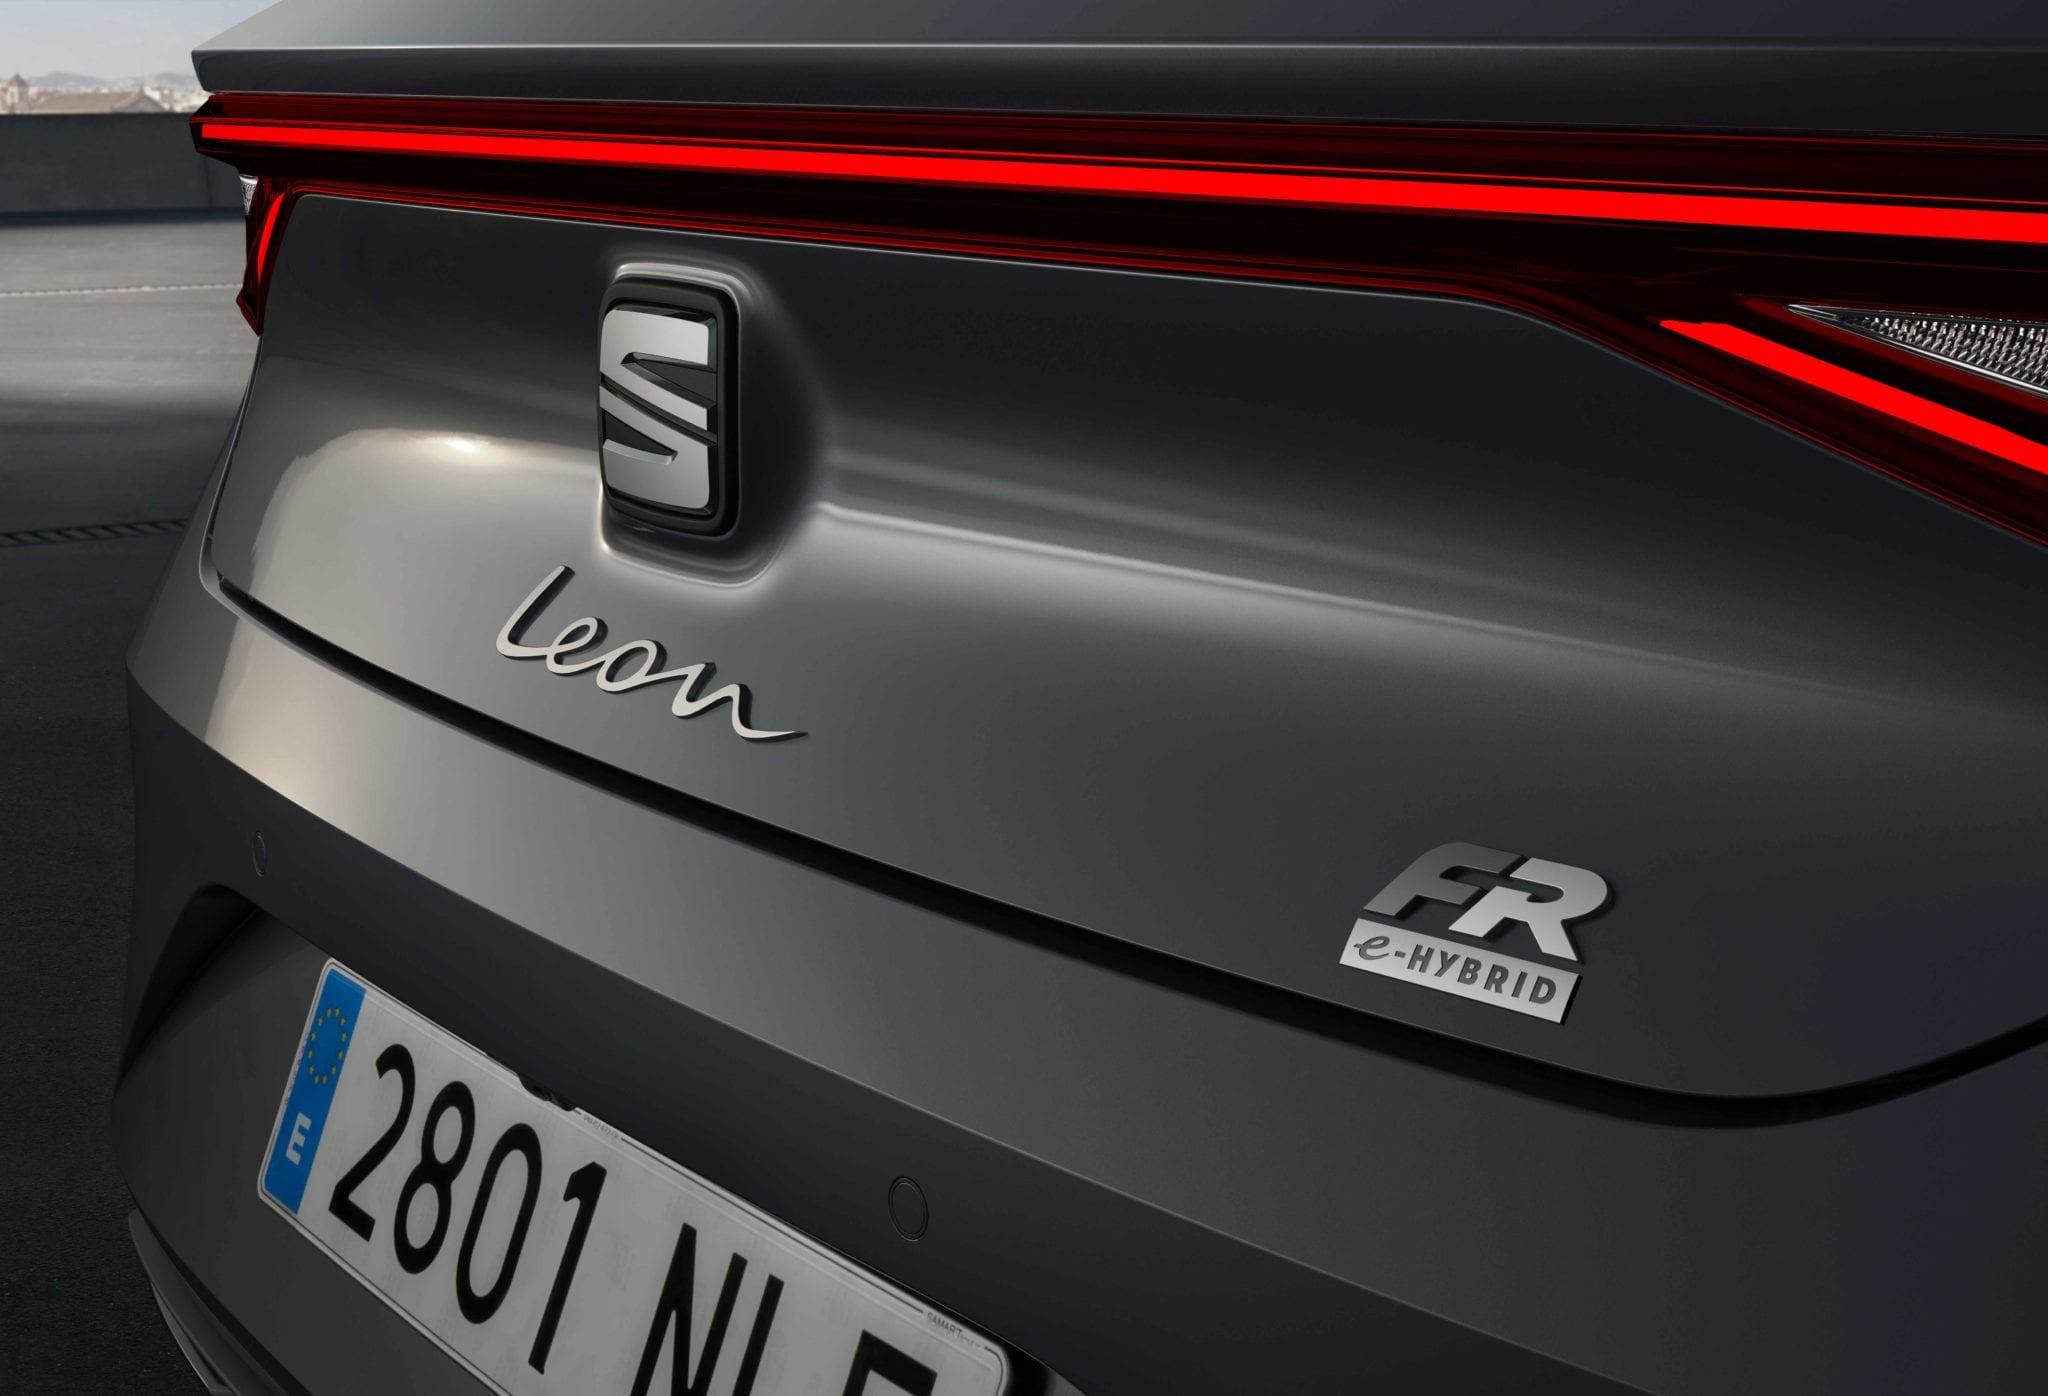 【SEAT León FR 2021】 Precio, ficha técnica y fotos